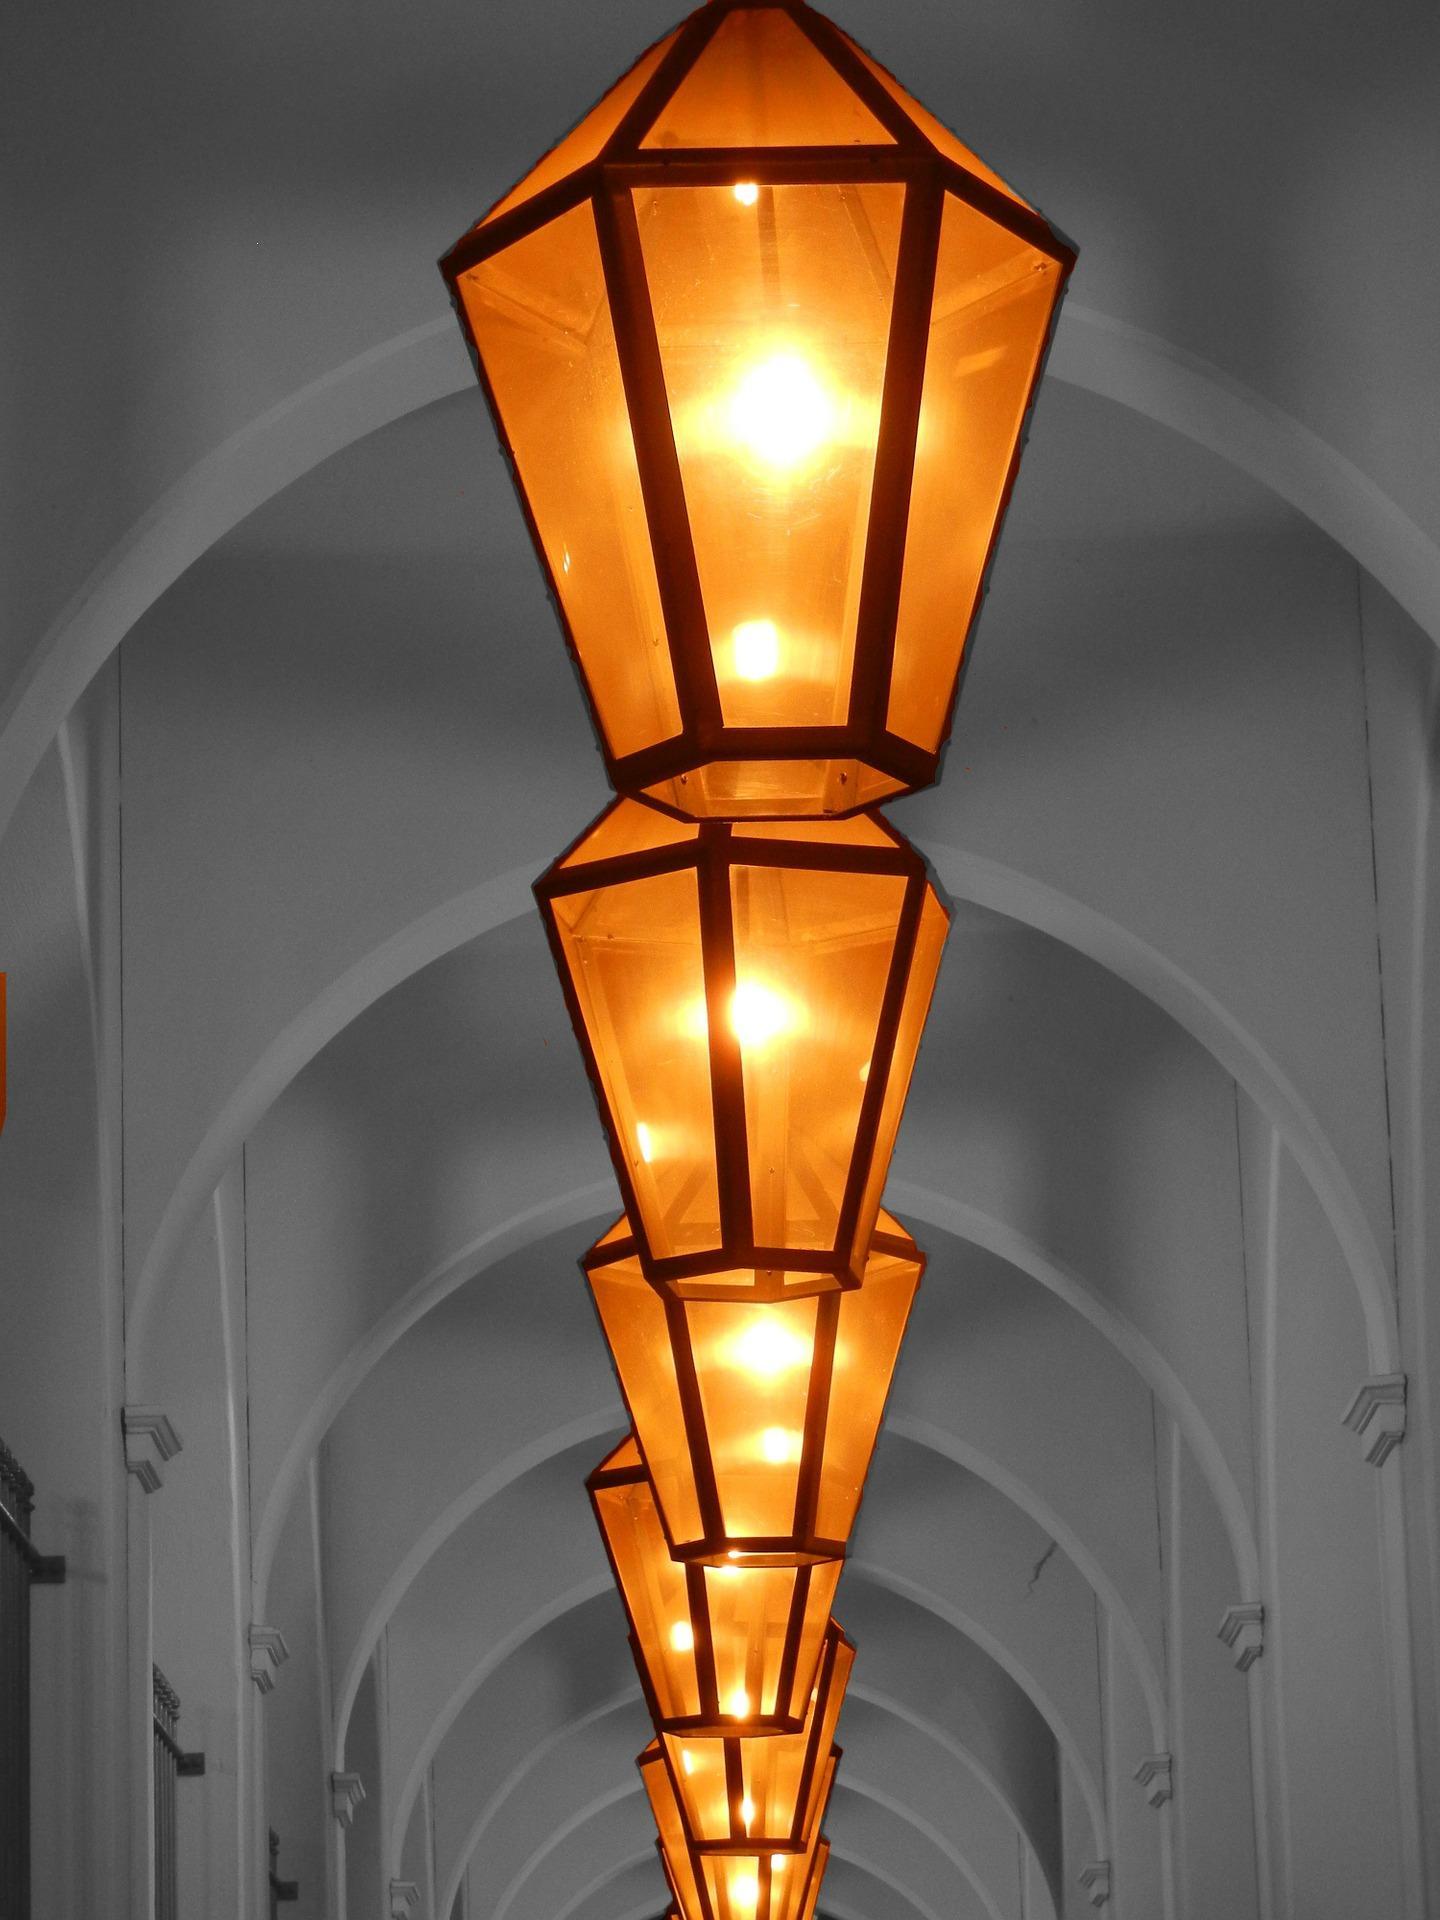 iluminación y arquitectura